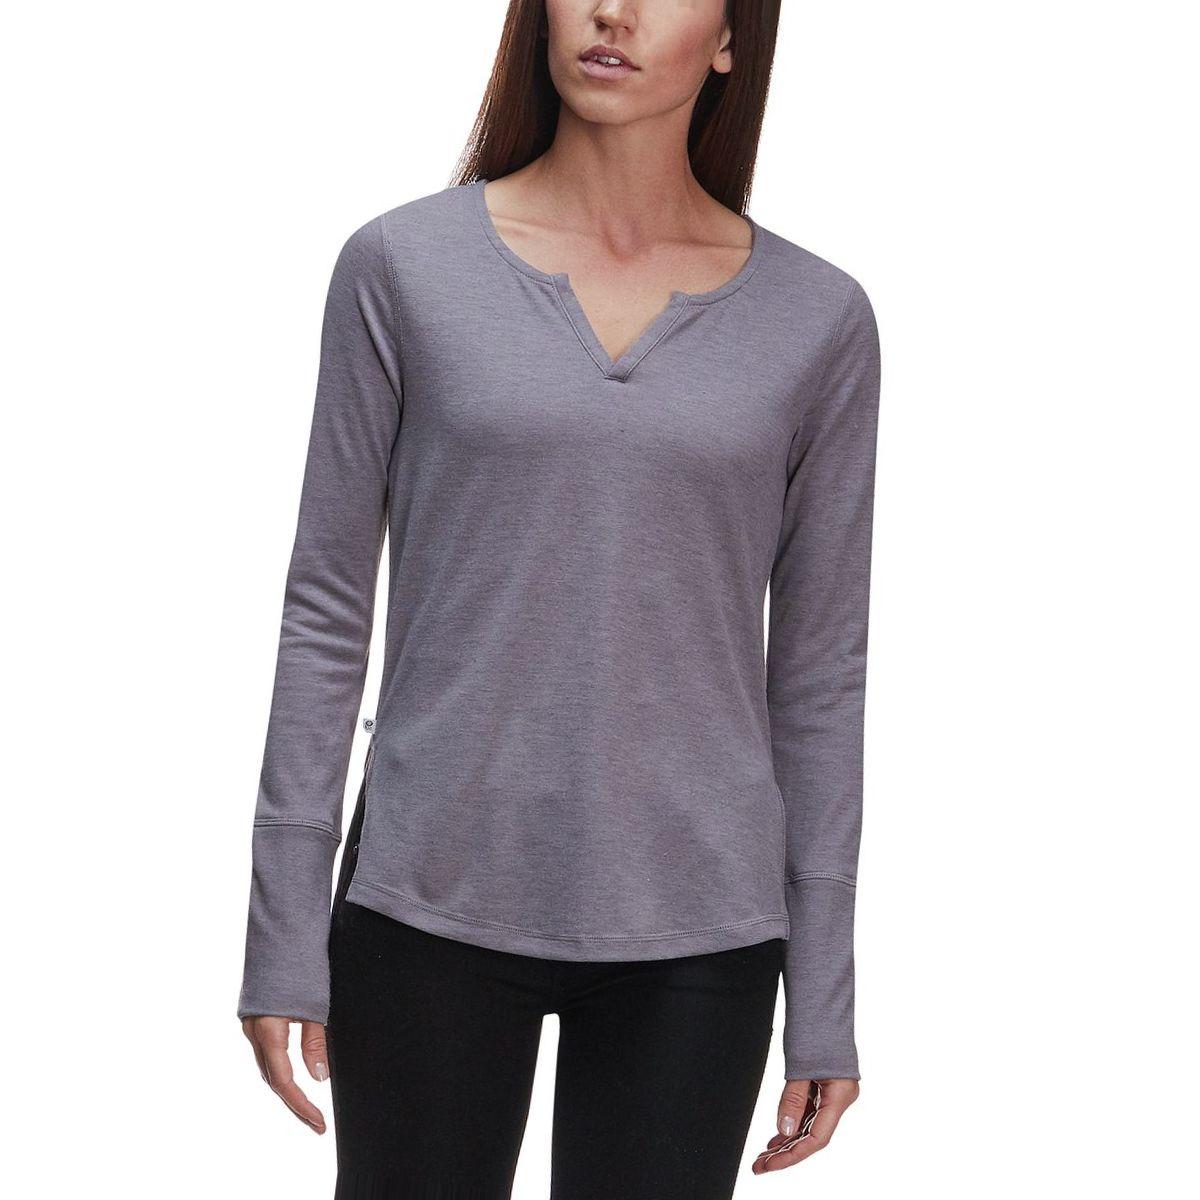 Mountain Hardwear Daisy Chain Split-Neck Long-Sleeve Top - Women's